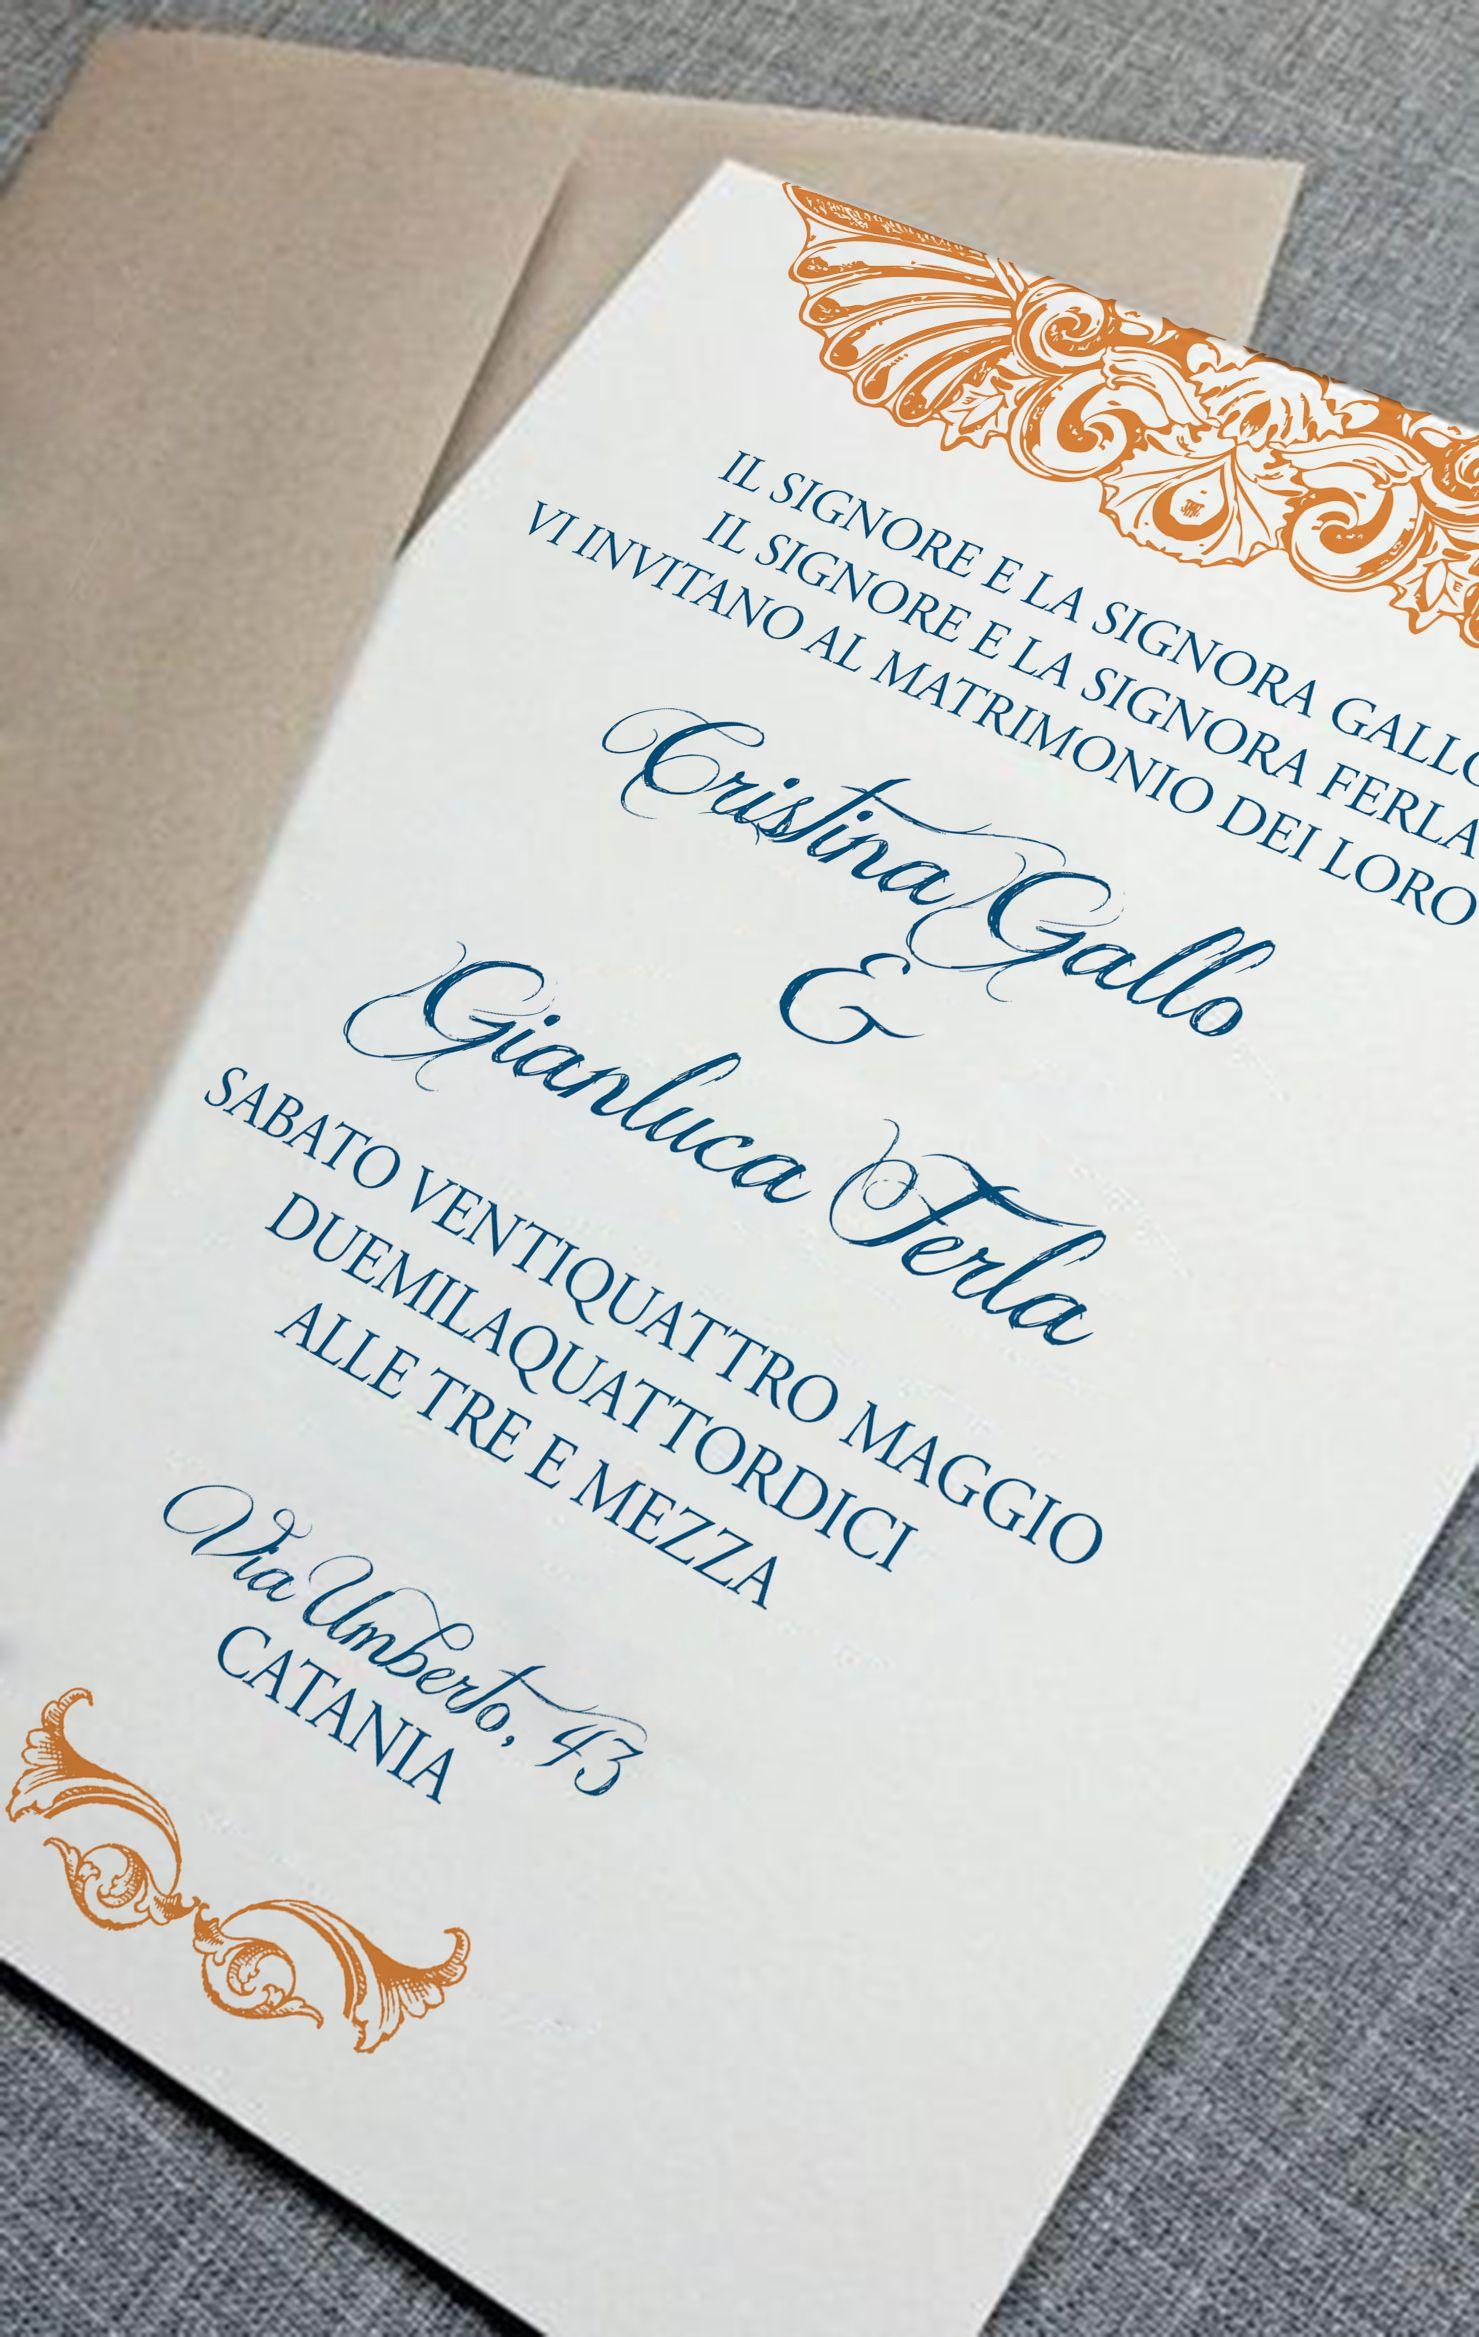 Partecipazioni Matrimonio Catania.My Last Wedding Invitation Orange And Blue Partecipazioni Di